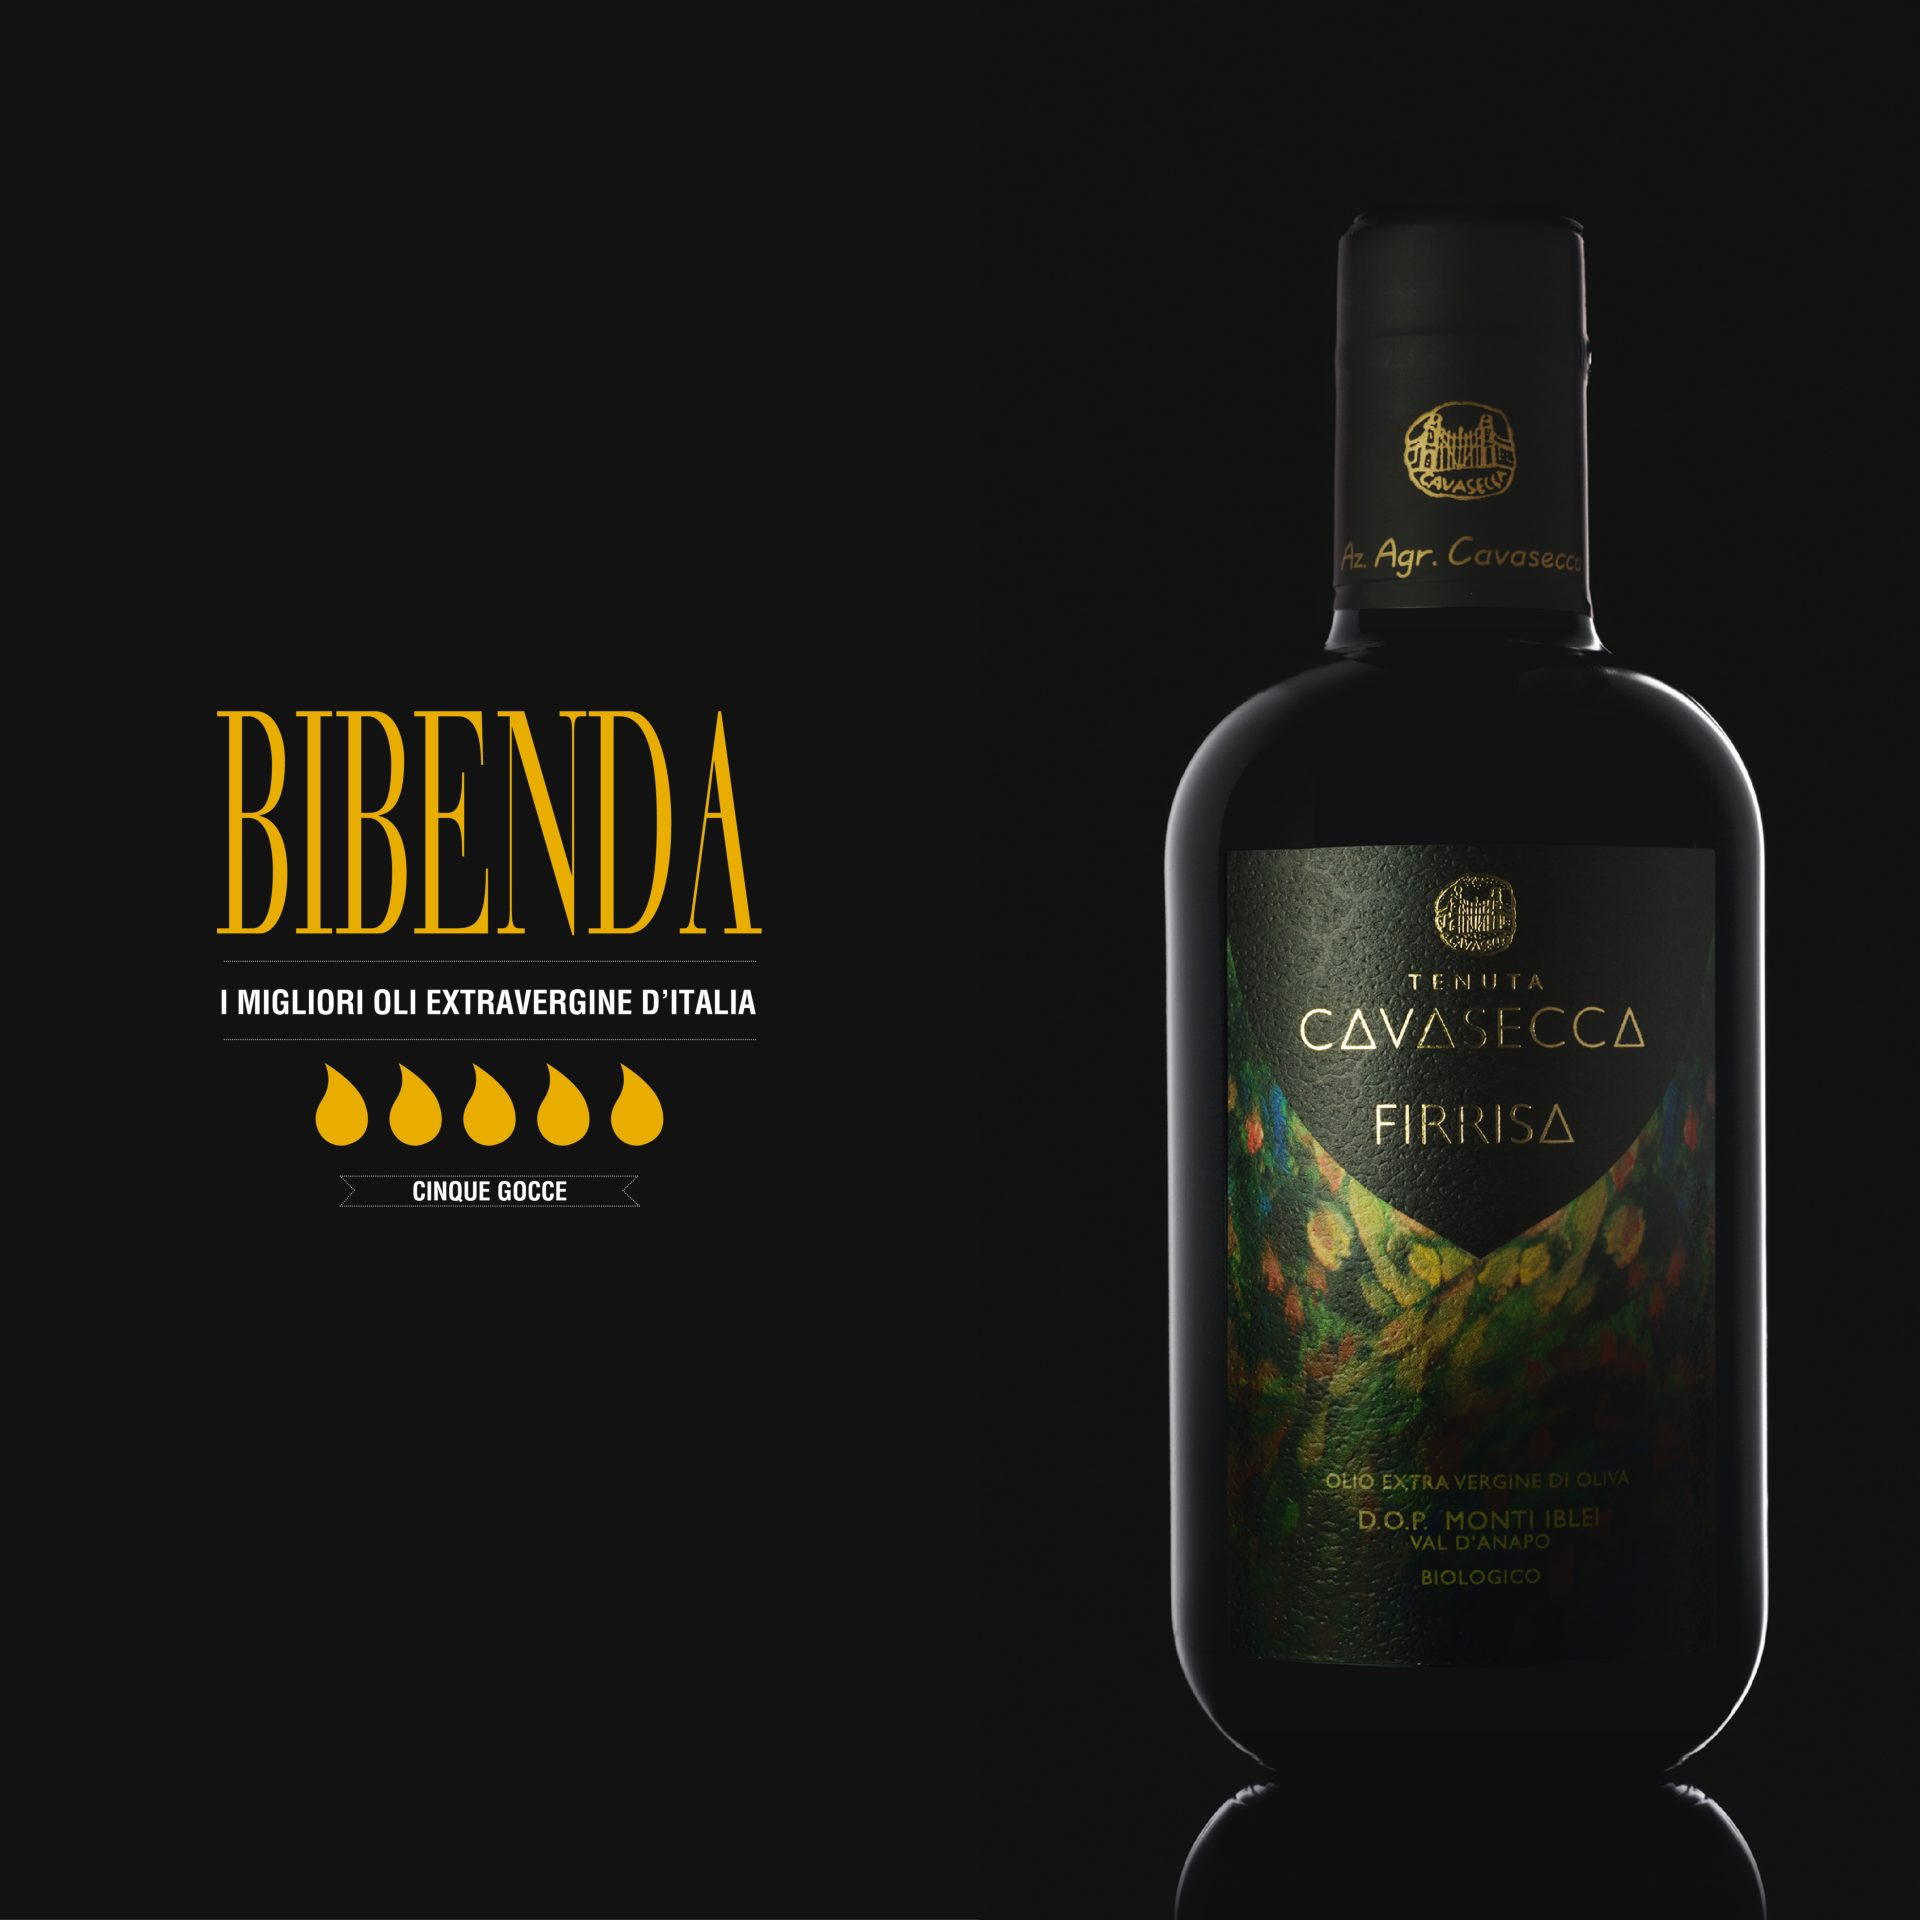 BIBENDA 2020: 5 gocce per Tenuta Cavasecca